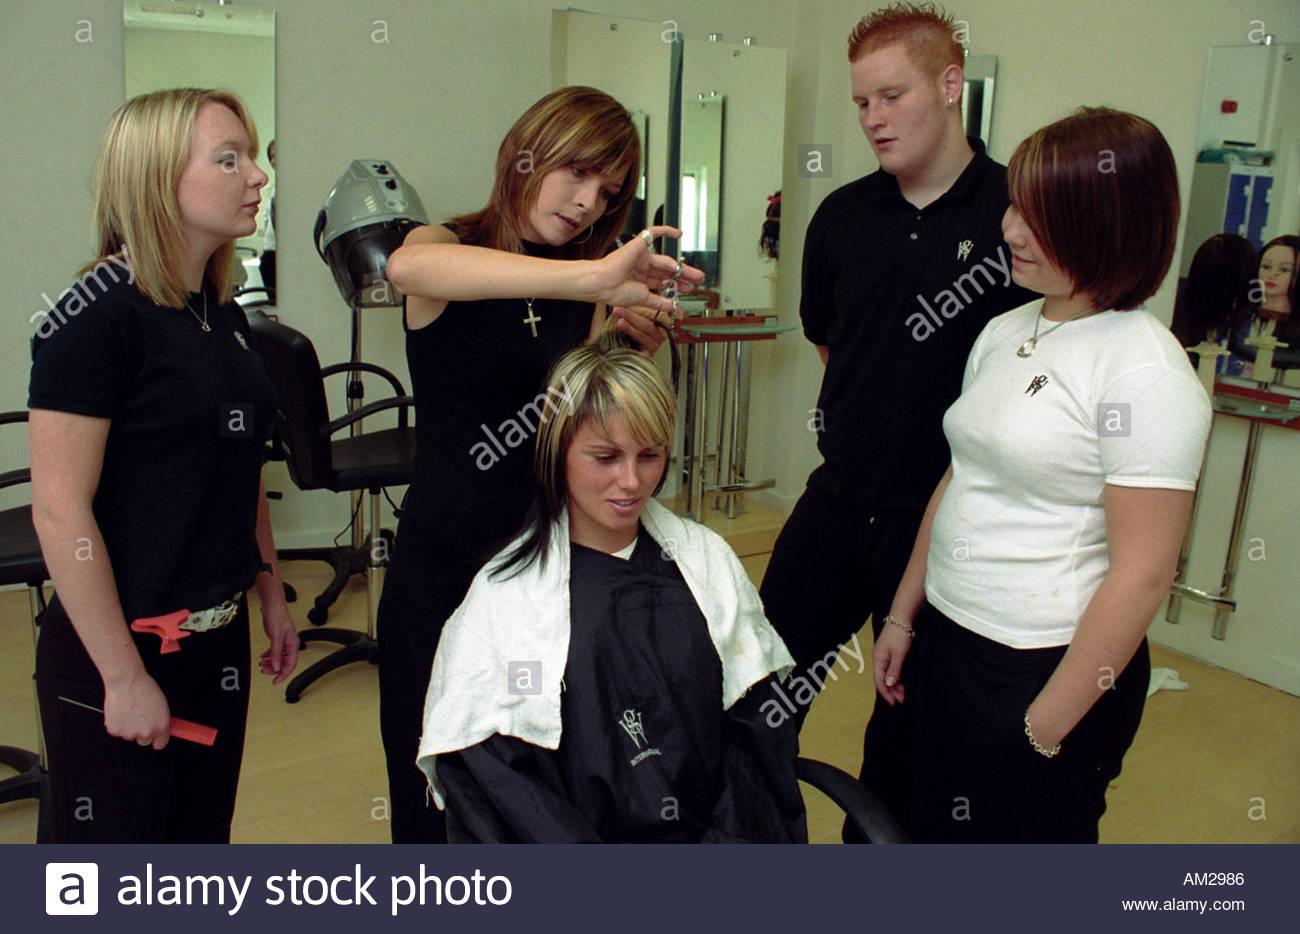 L Application De Peroxyde De Stagiaires En Coiffure Femme Cheveux Au Salon De Coiffure D Autres Eleves Regardant Superviseur Uk Photo Stock Alamy